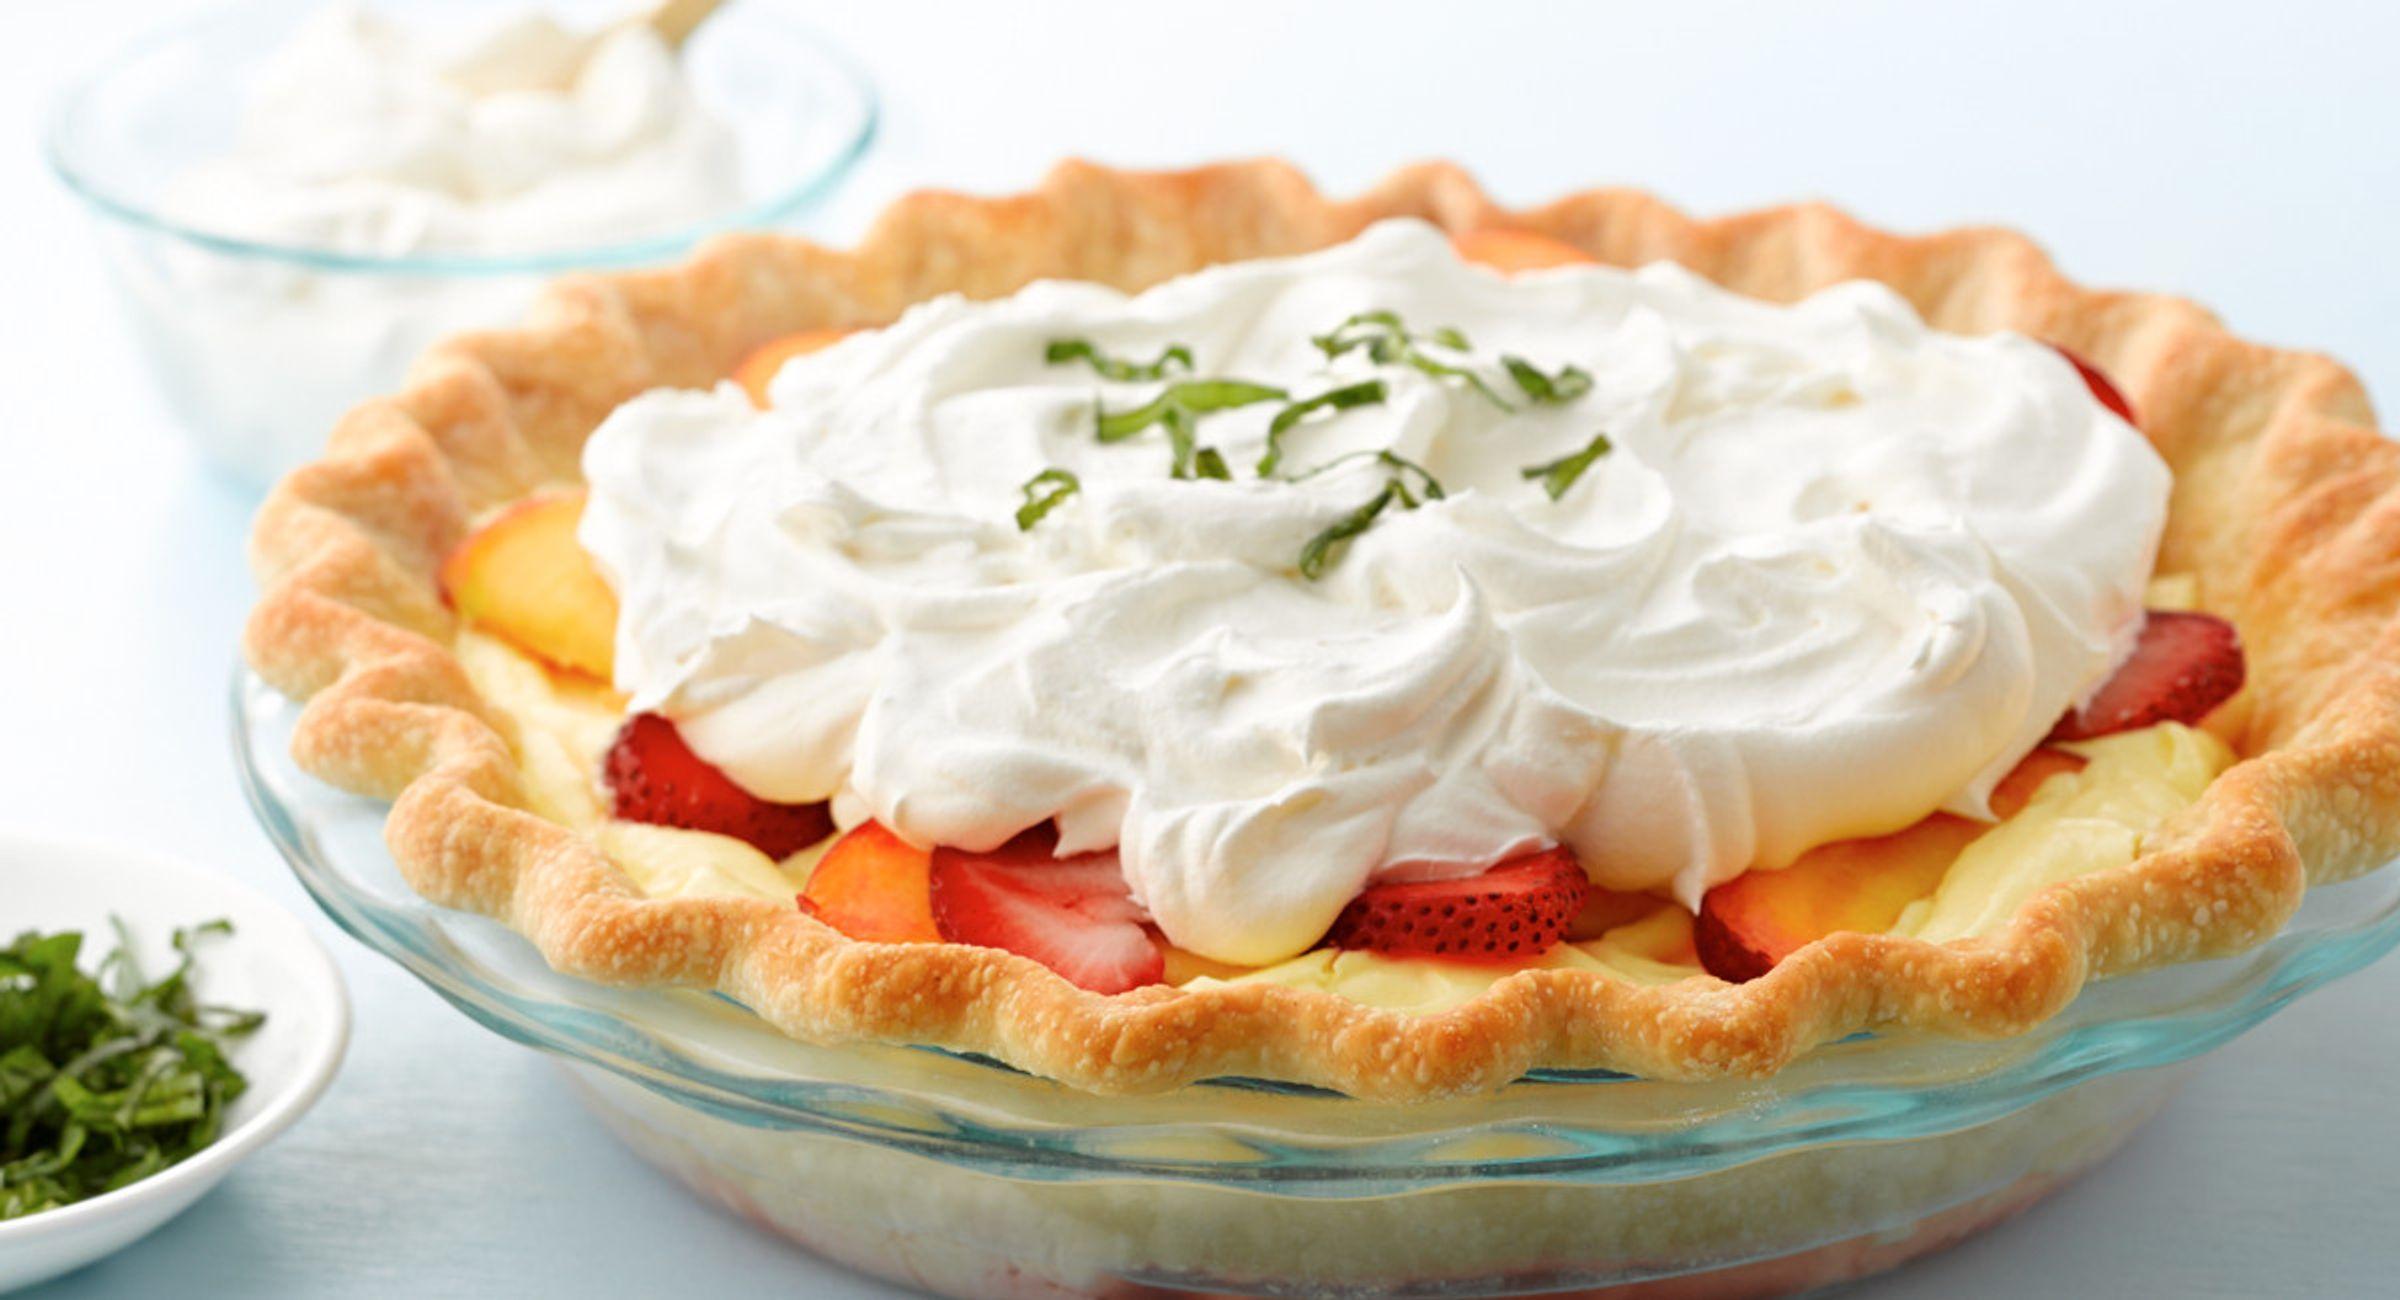 Balsamic Nectarine-Strawberry Lemon Pie